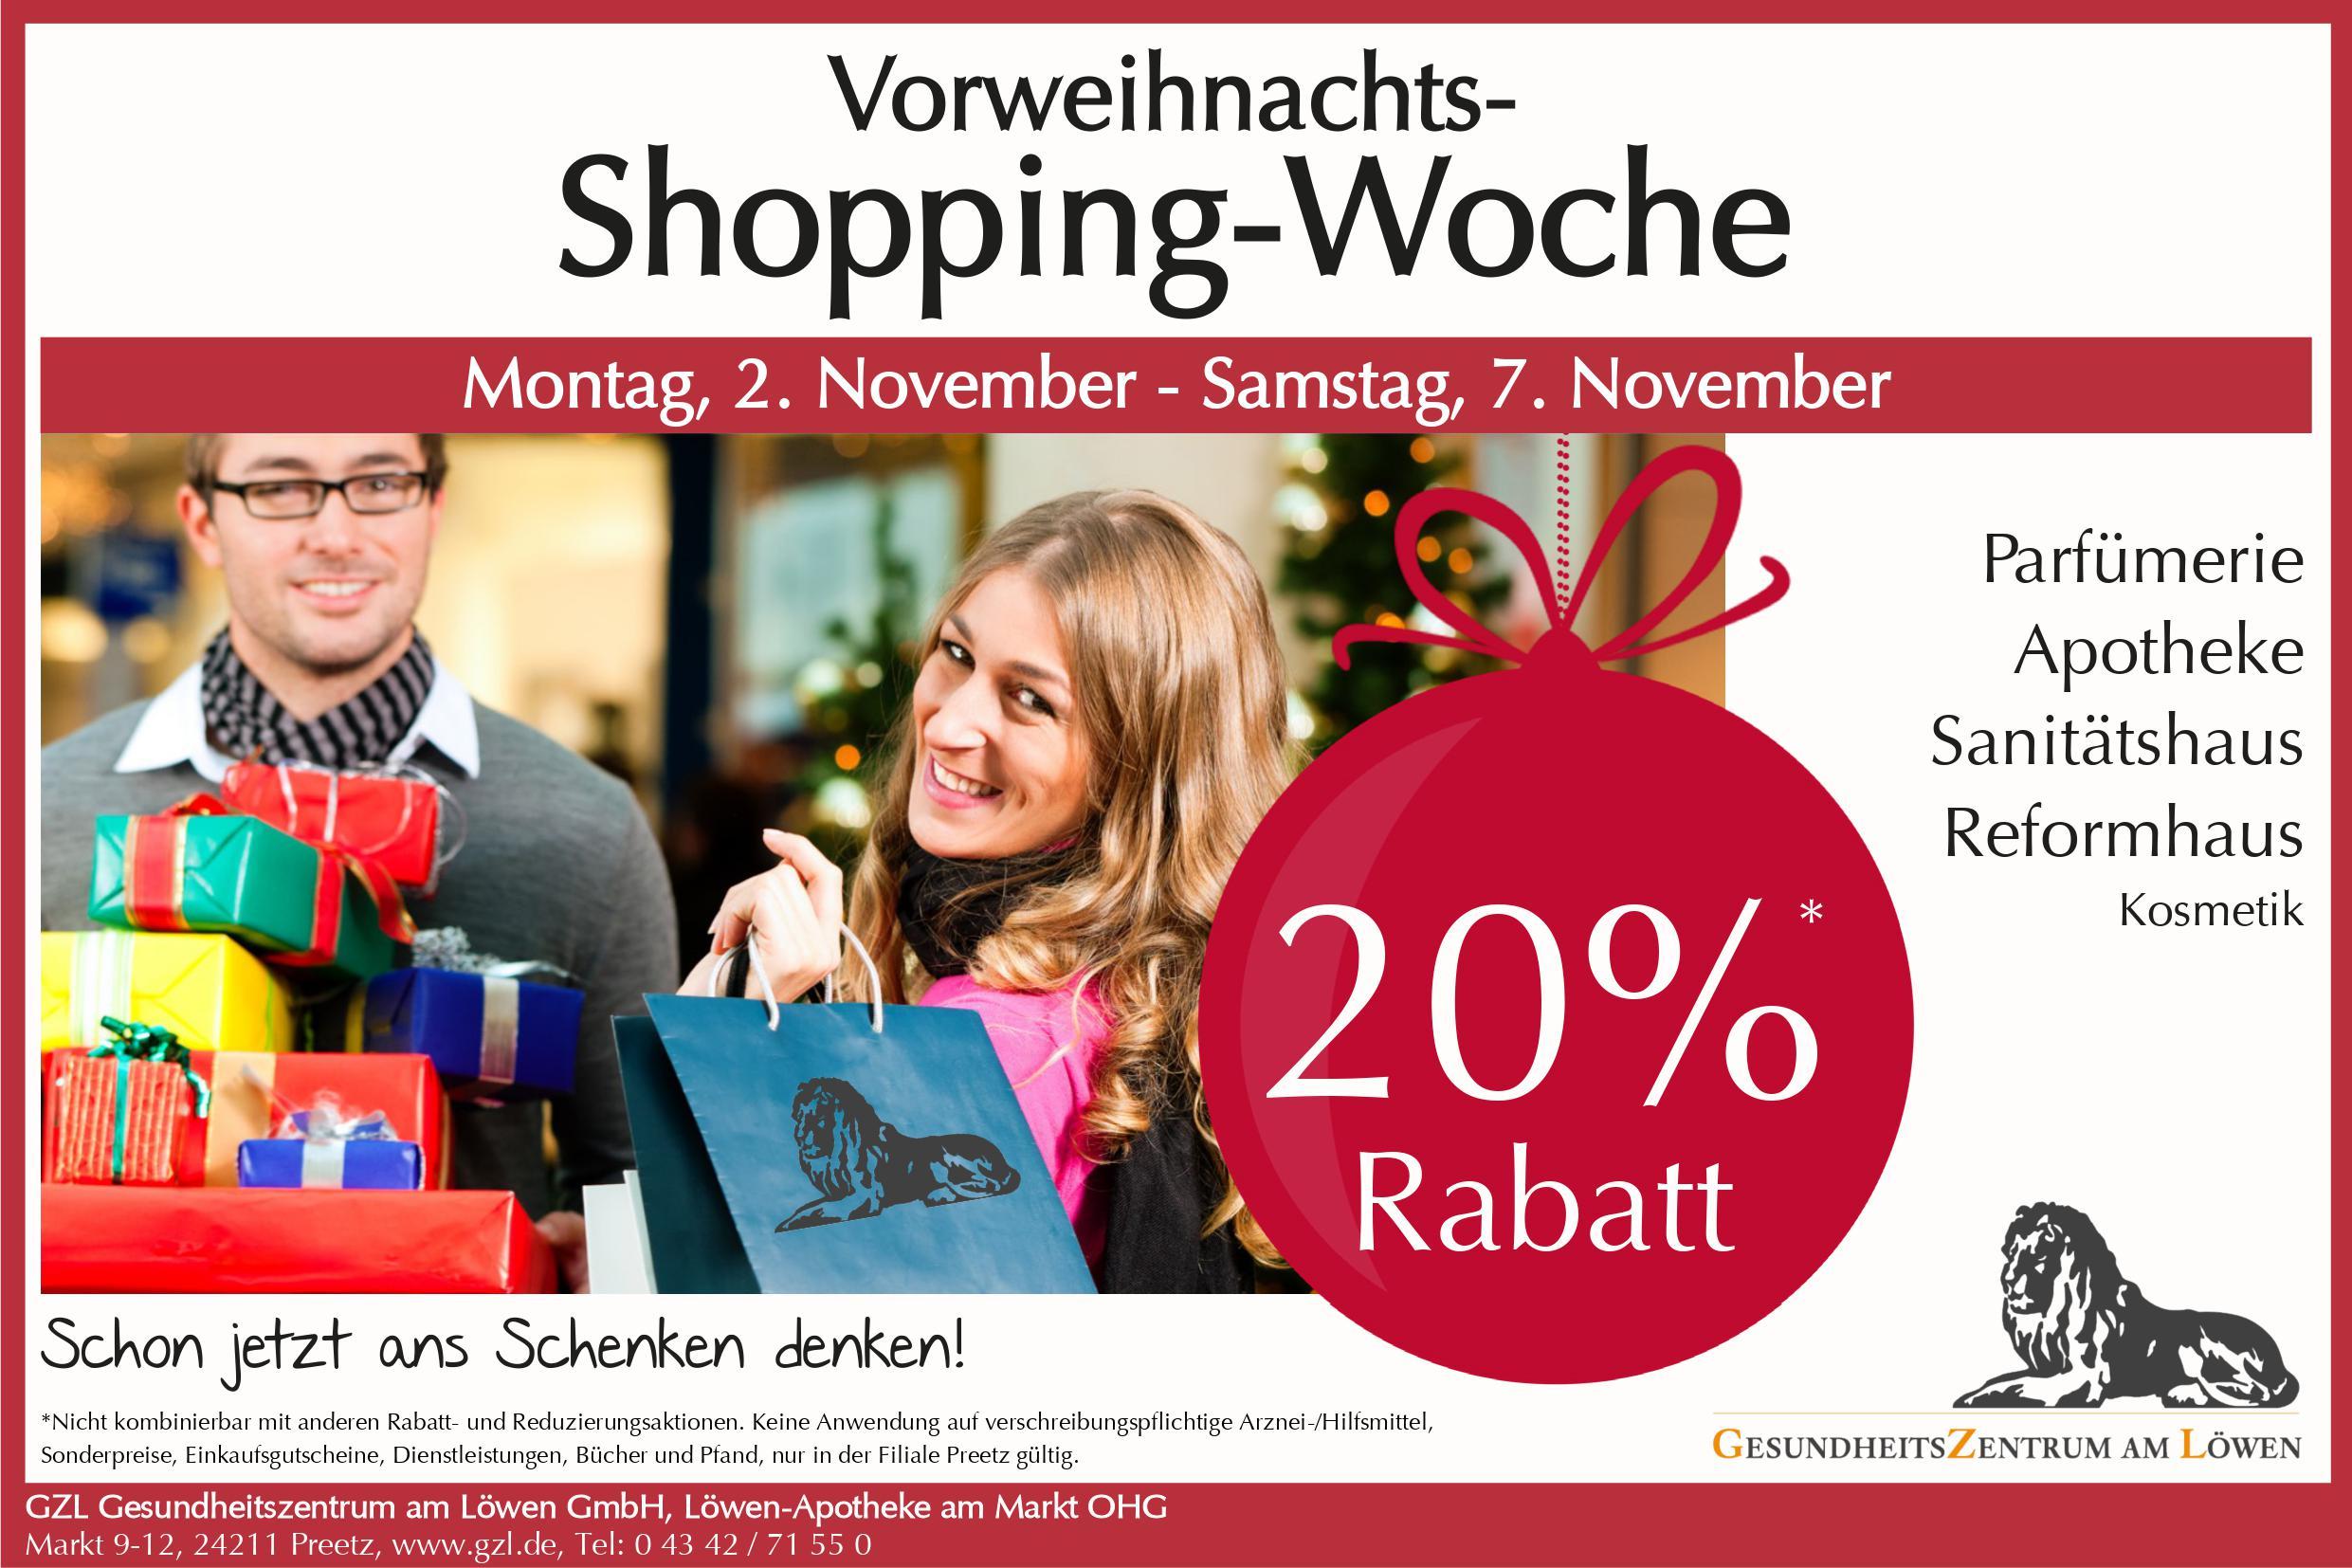 Vorweihnachts-Shopping-Woche 2020